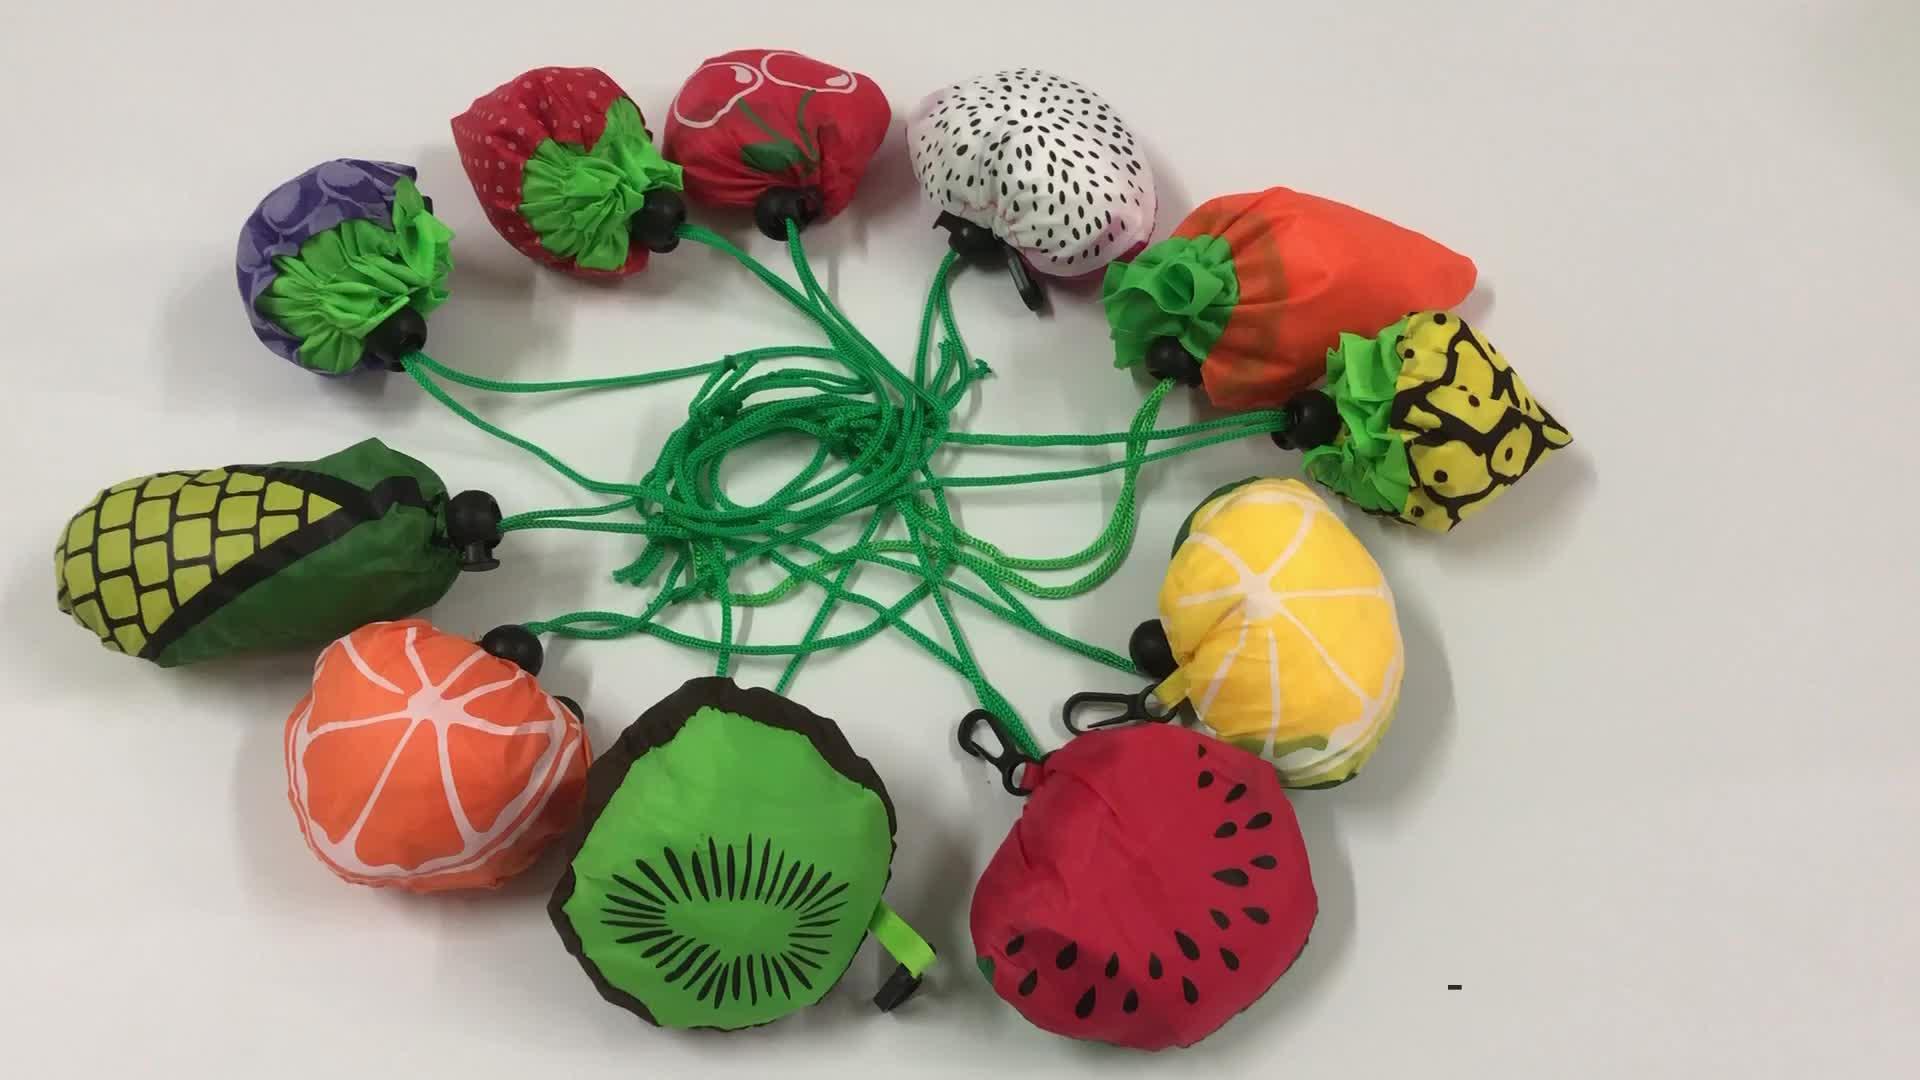 Morecredit Sevimli Kivi Meyve Kullanımlık Bakkal Torbaları Katlanabilir Hafif Güçlü Yük Alışveriş Çantaları